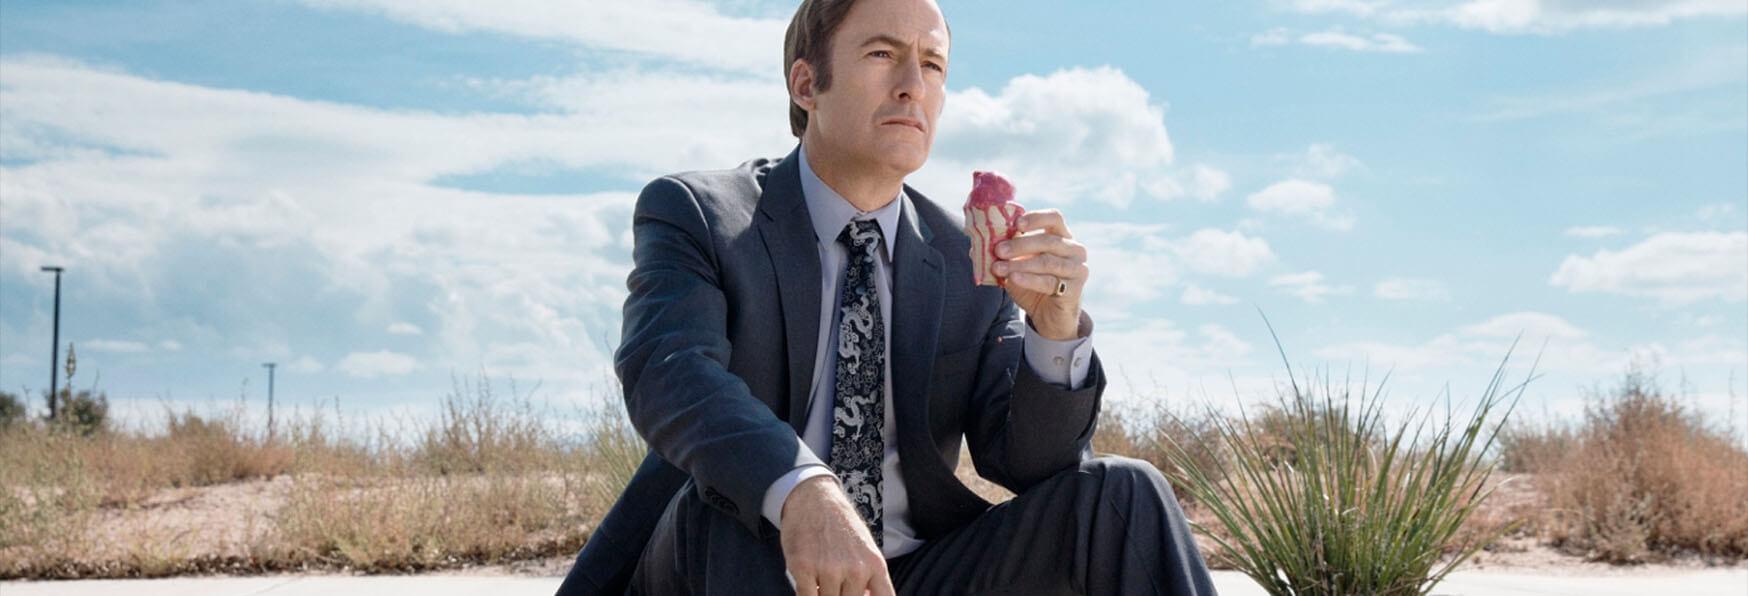 4° stagione di Better Call Saul: trailer e anticipazioni